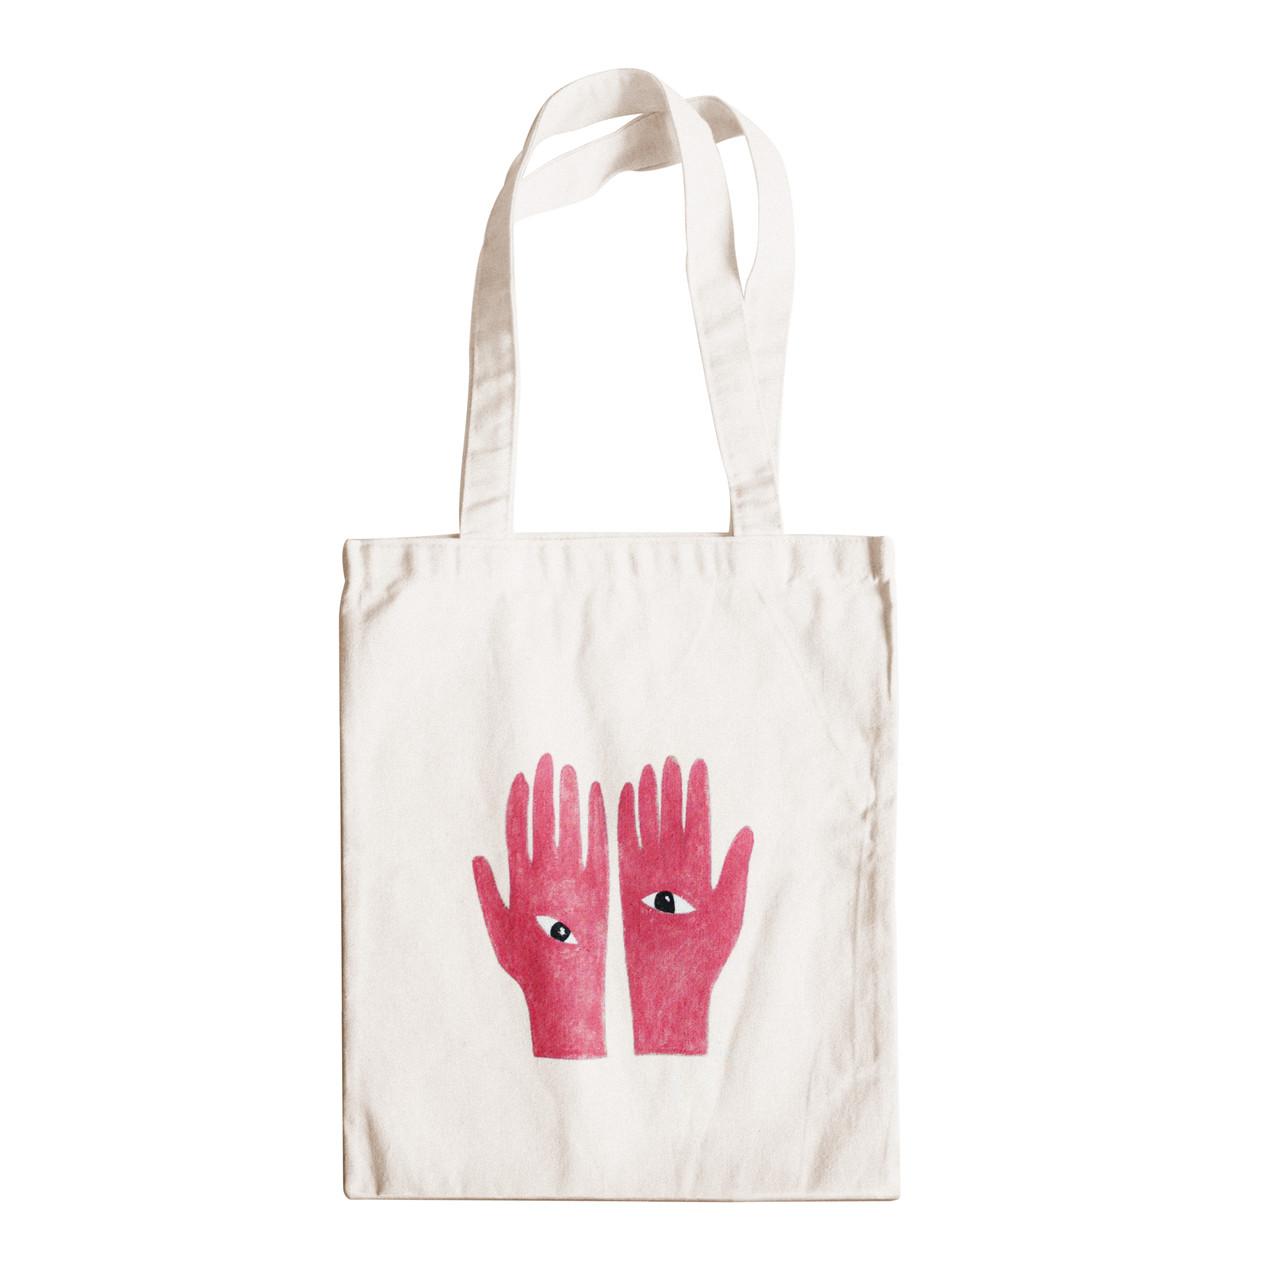 """Трикотажная светлая бежевая бежевая сумка для покупок """"эко-шоппер"""" ручной работы с принтом """"Hands"""",двунитка"""